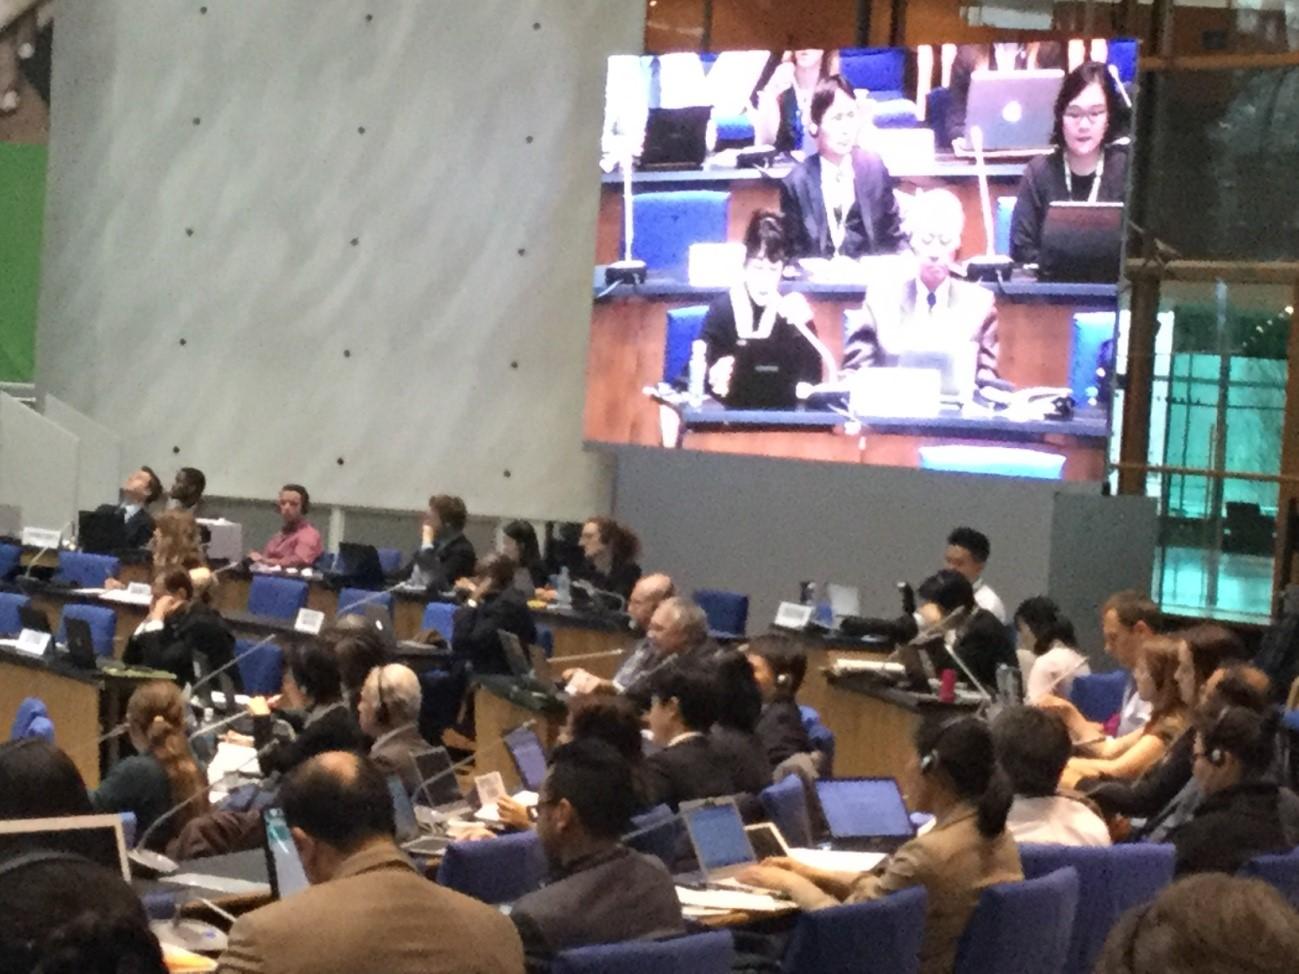 写真・図版 : IPBES第5回総会で発言する日本政府代表団の環境省担当者と武内和彦氏(スクリーン前列左から)=2017年3月8日、筆者撮影